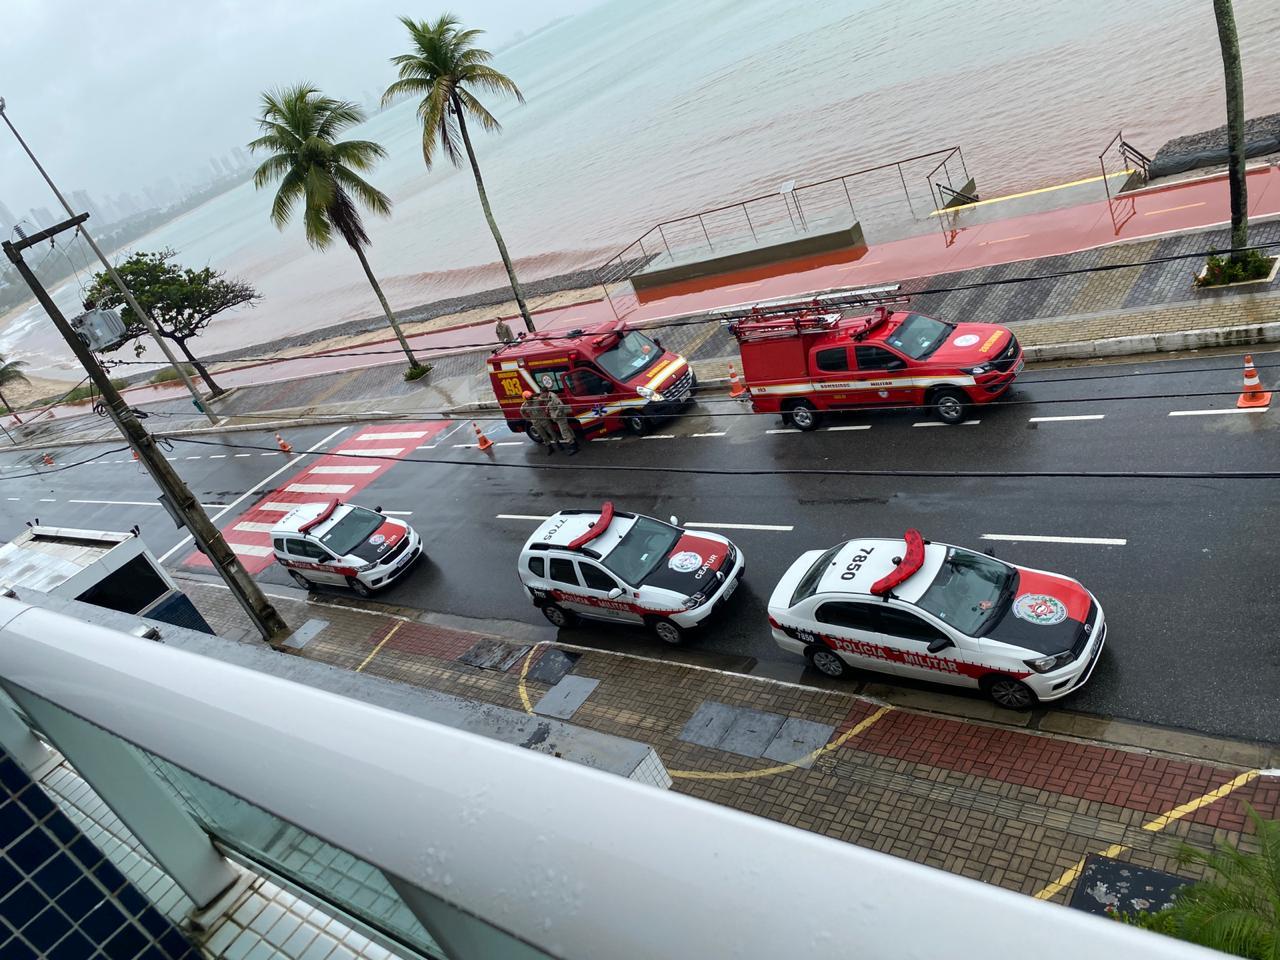 3a615e18 e0ba 4bbd a6c7 39885cc48b2f - 12 HORAS DE NEGOCIAÇÃO: mulher entrega arma à polícia e recebe atendimento médico em João Pessoa